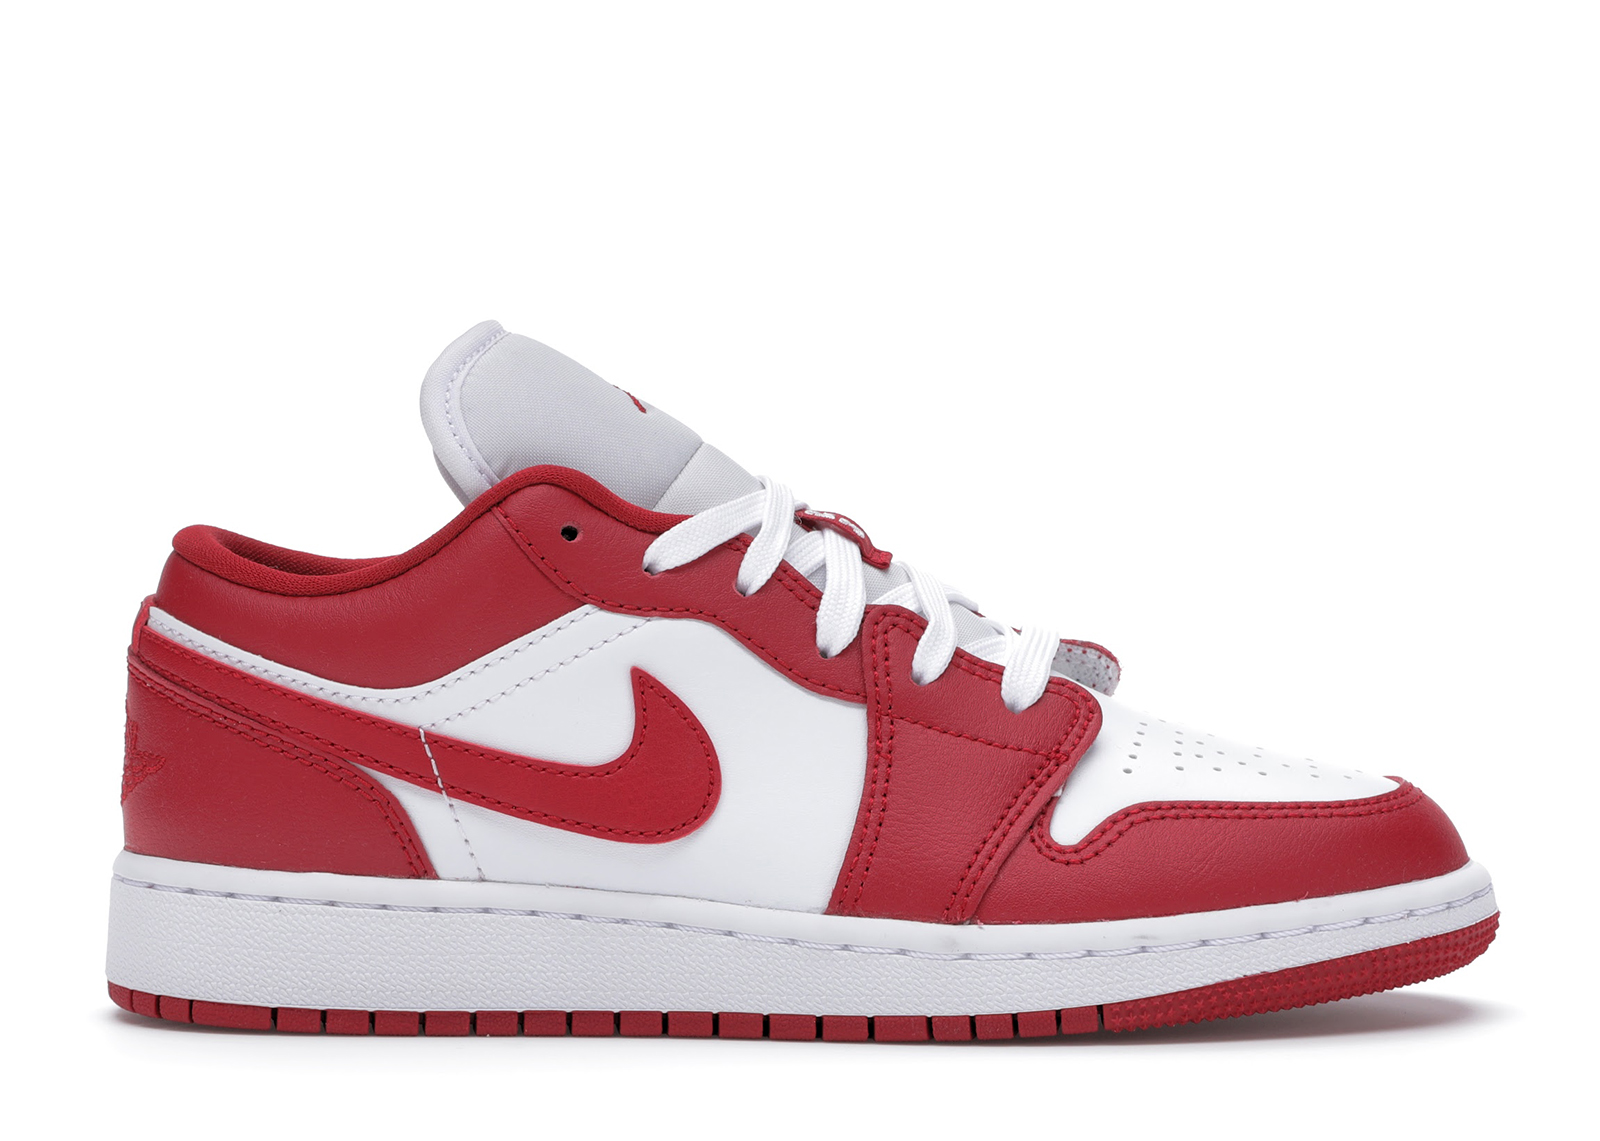 Jordan 1 Low Gym Red White (GS